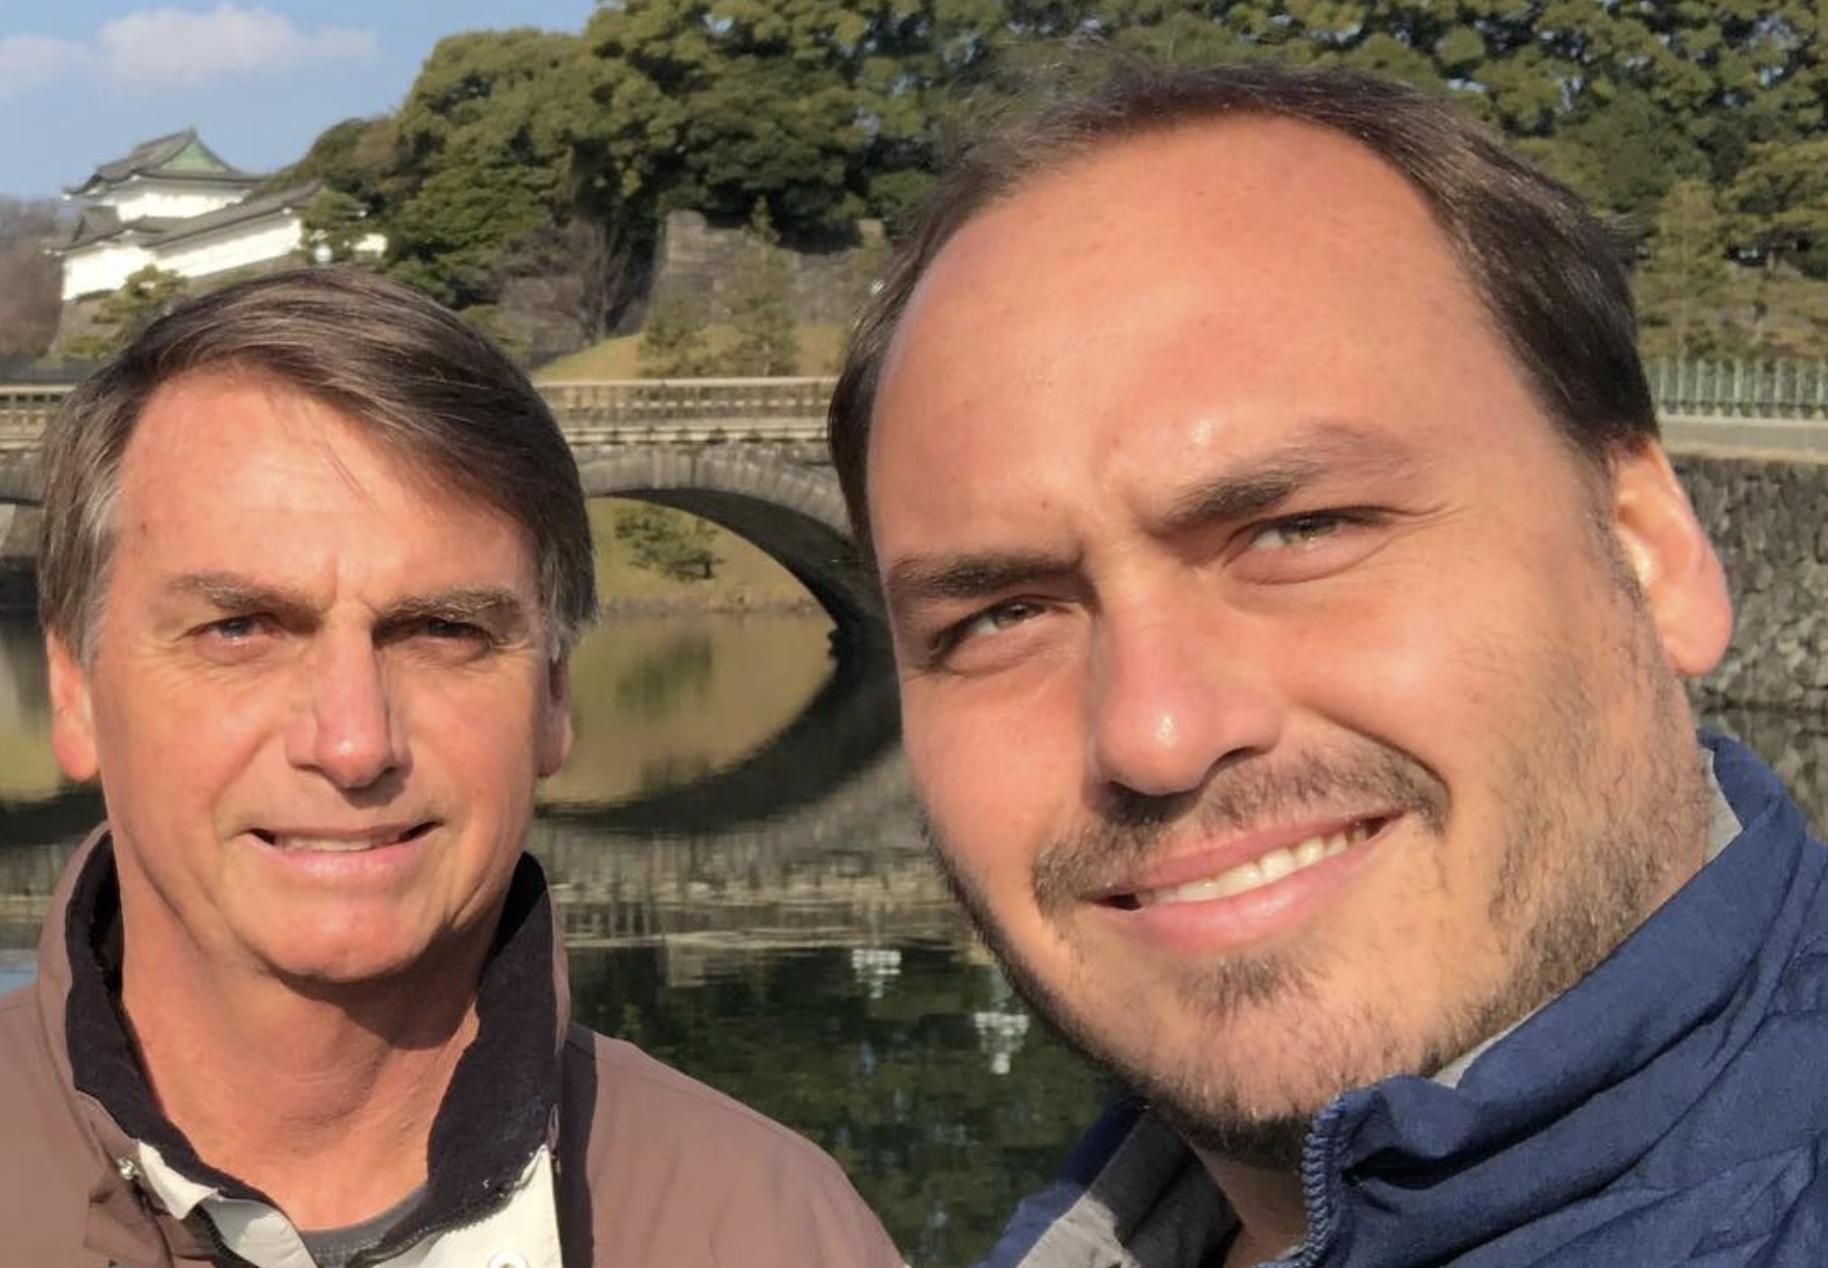 """Depois de Randolfe criticar auxílio mudança dos Bolsonaro """"sem deslocar um pé de meias"""", pitbull Carlos tenta intimidar senador: e o chupão na barriga?"""